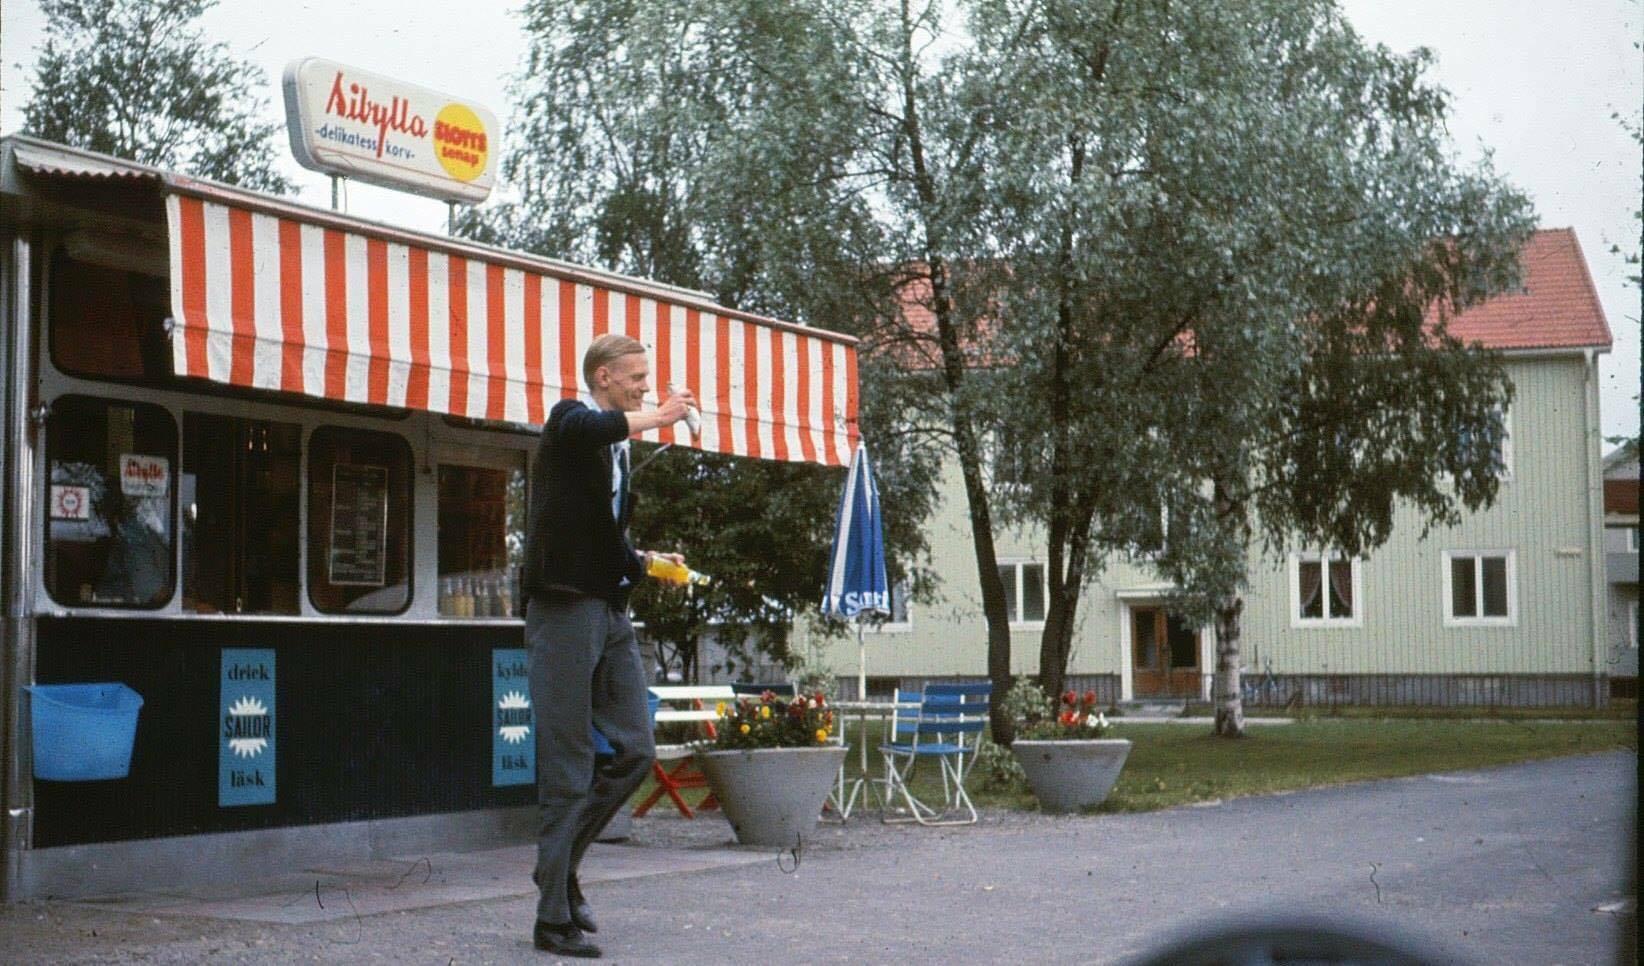 kioskhaga